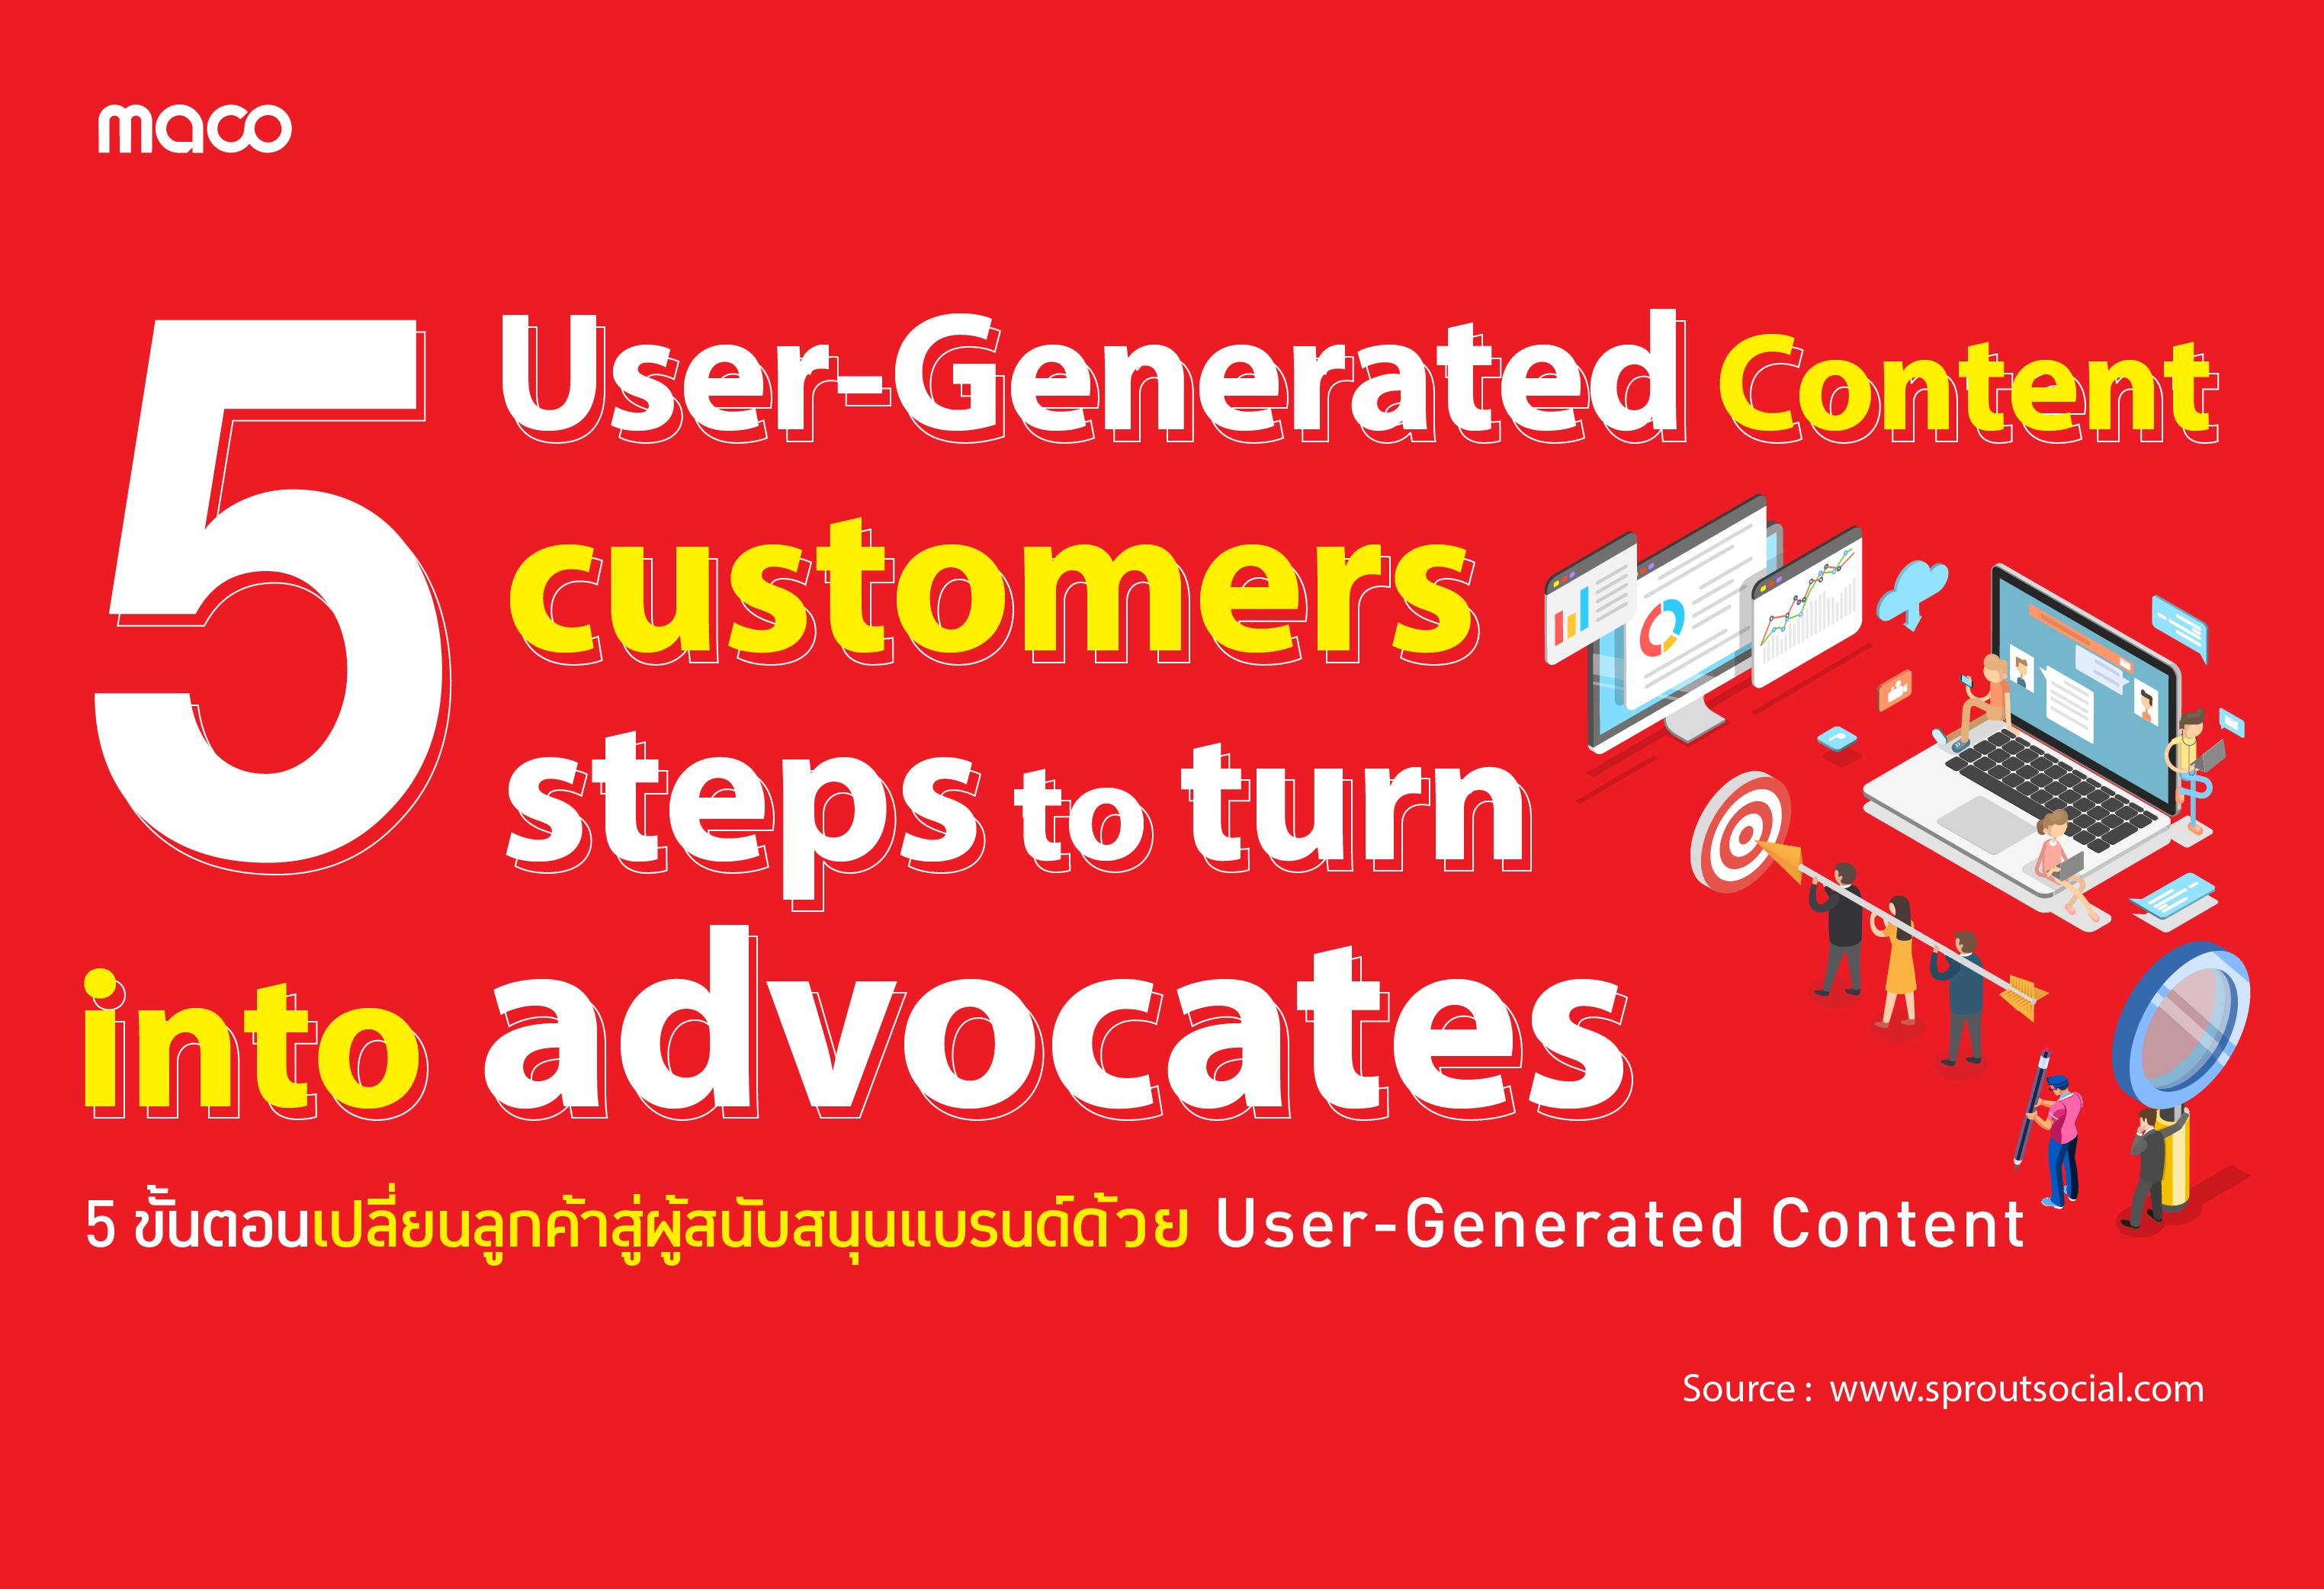 5 ขั้นตอนเปลี่ยนลูกค้าสู่ผู้สนับสนุนแบรนด์ด้วย User-Generated Content